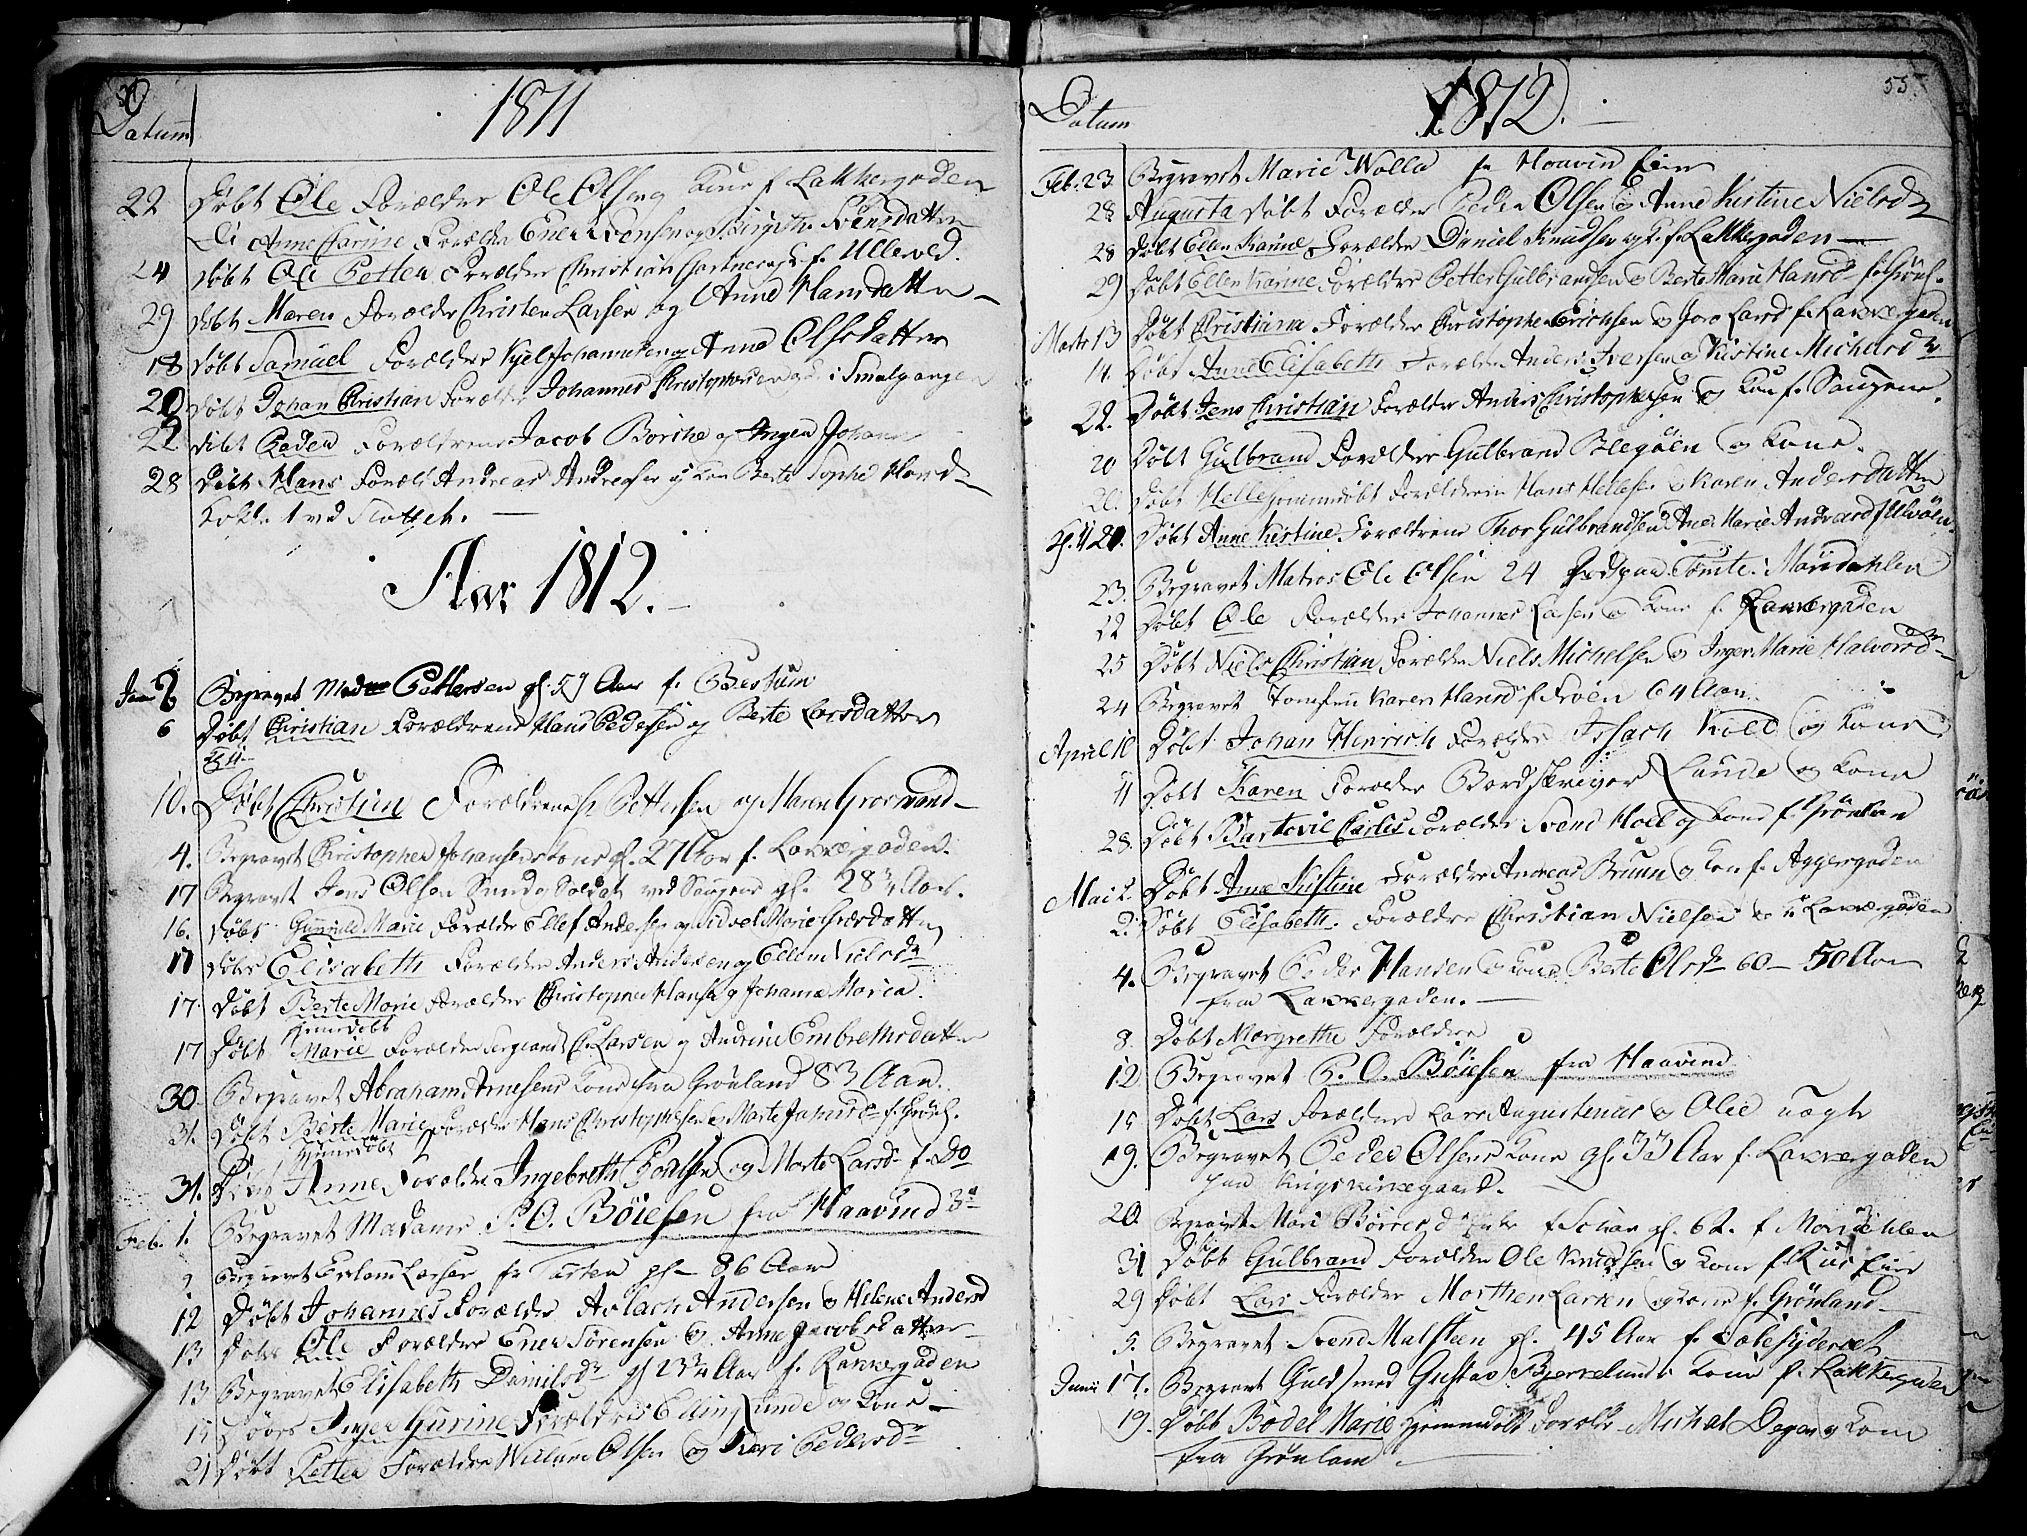 SAO, Aker prestekontor kirkebøker, G/L0001: Klokkerbok nr. 1, 1796-1826, s. 54-55